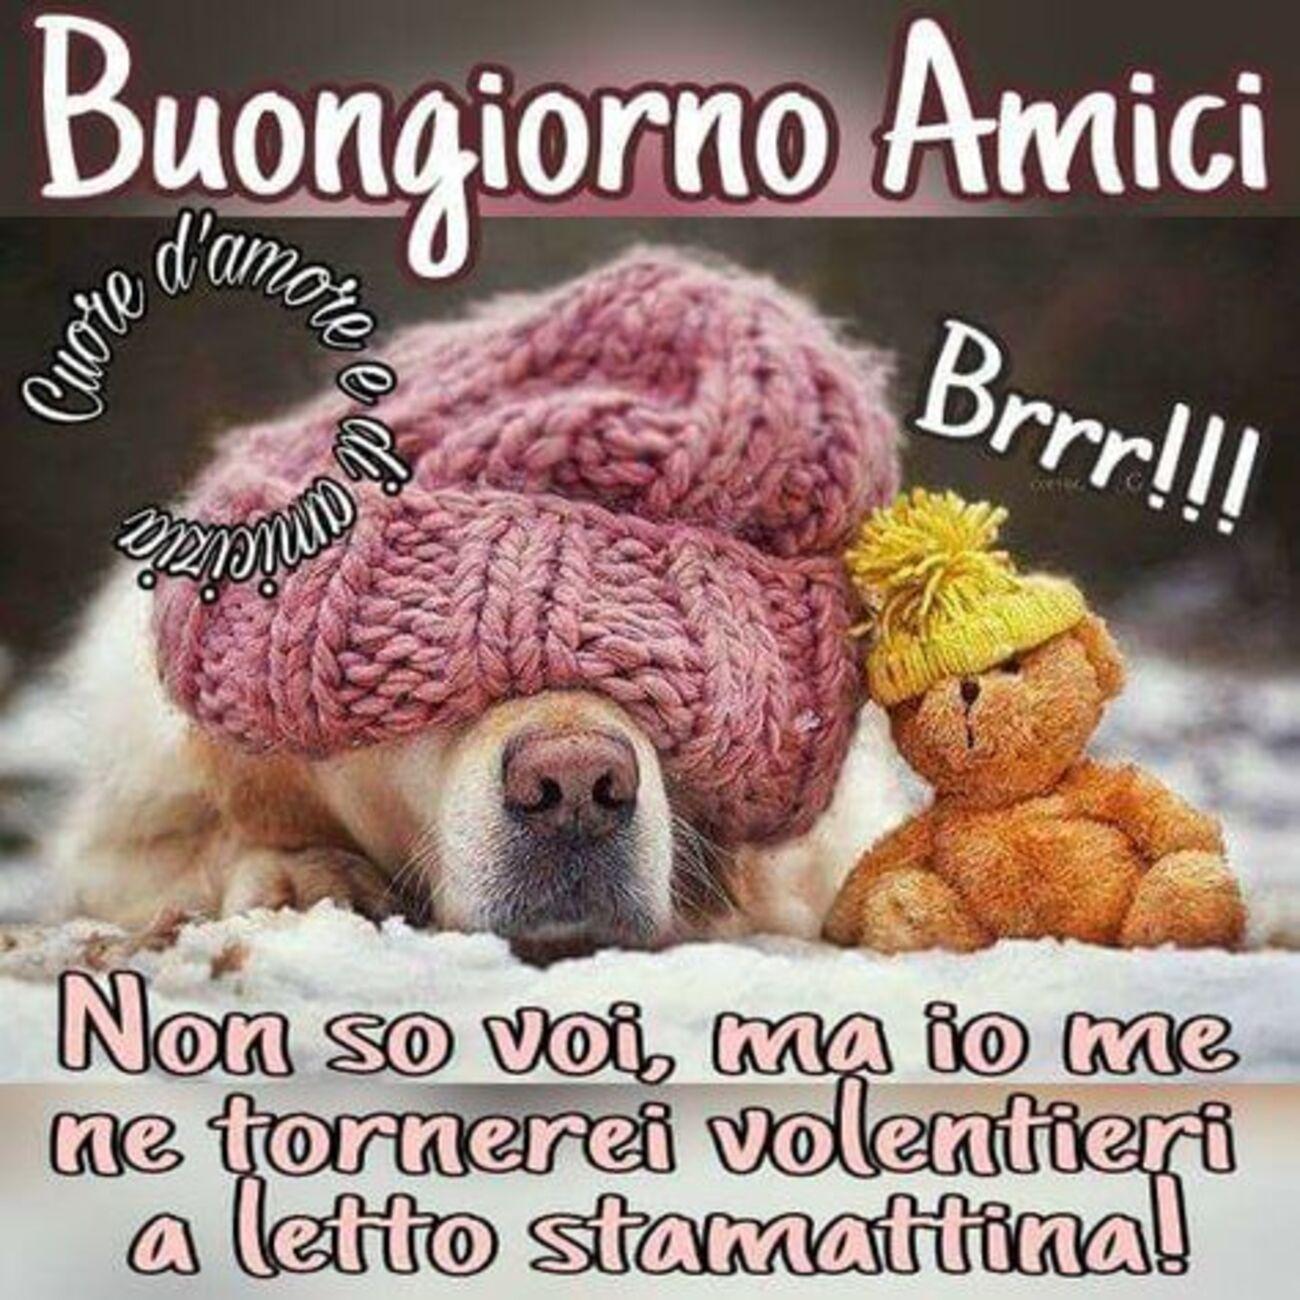 Buongiorno Amici Brrr!!! Non so voi, ma io me ne tornerei volentieri a letto stamattina!